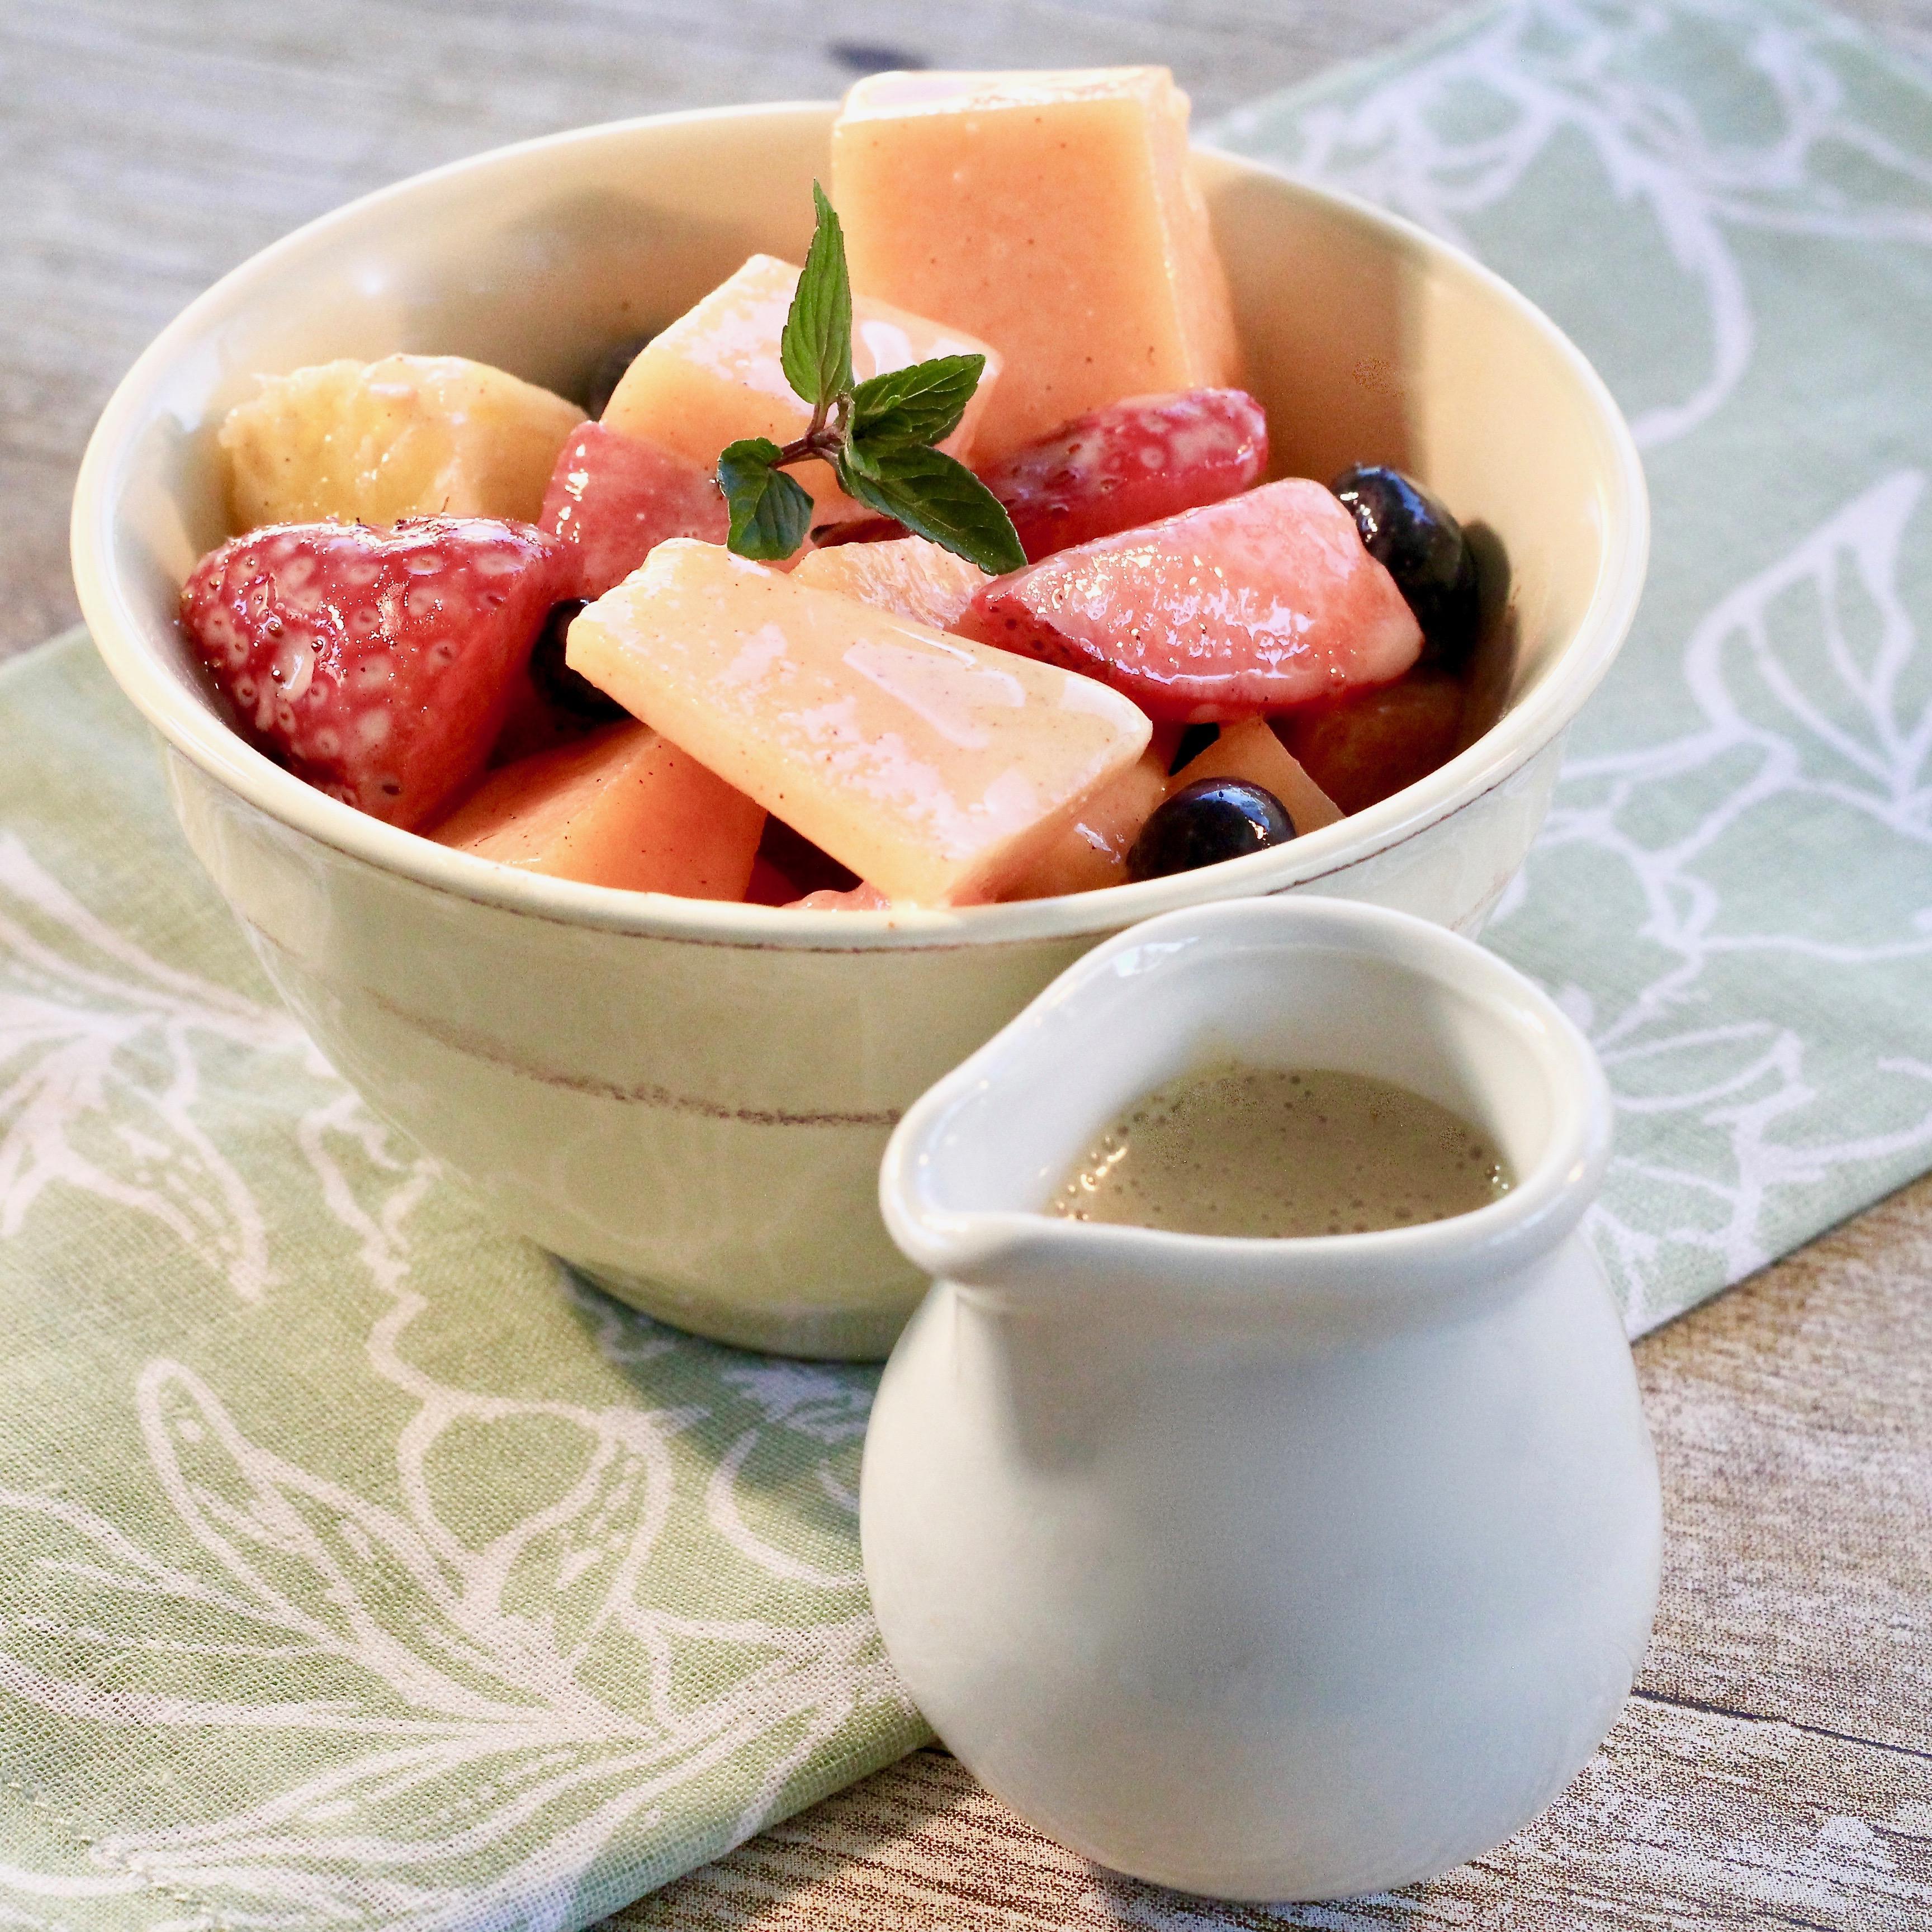 Sweet Dressing For Fruit Salad